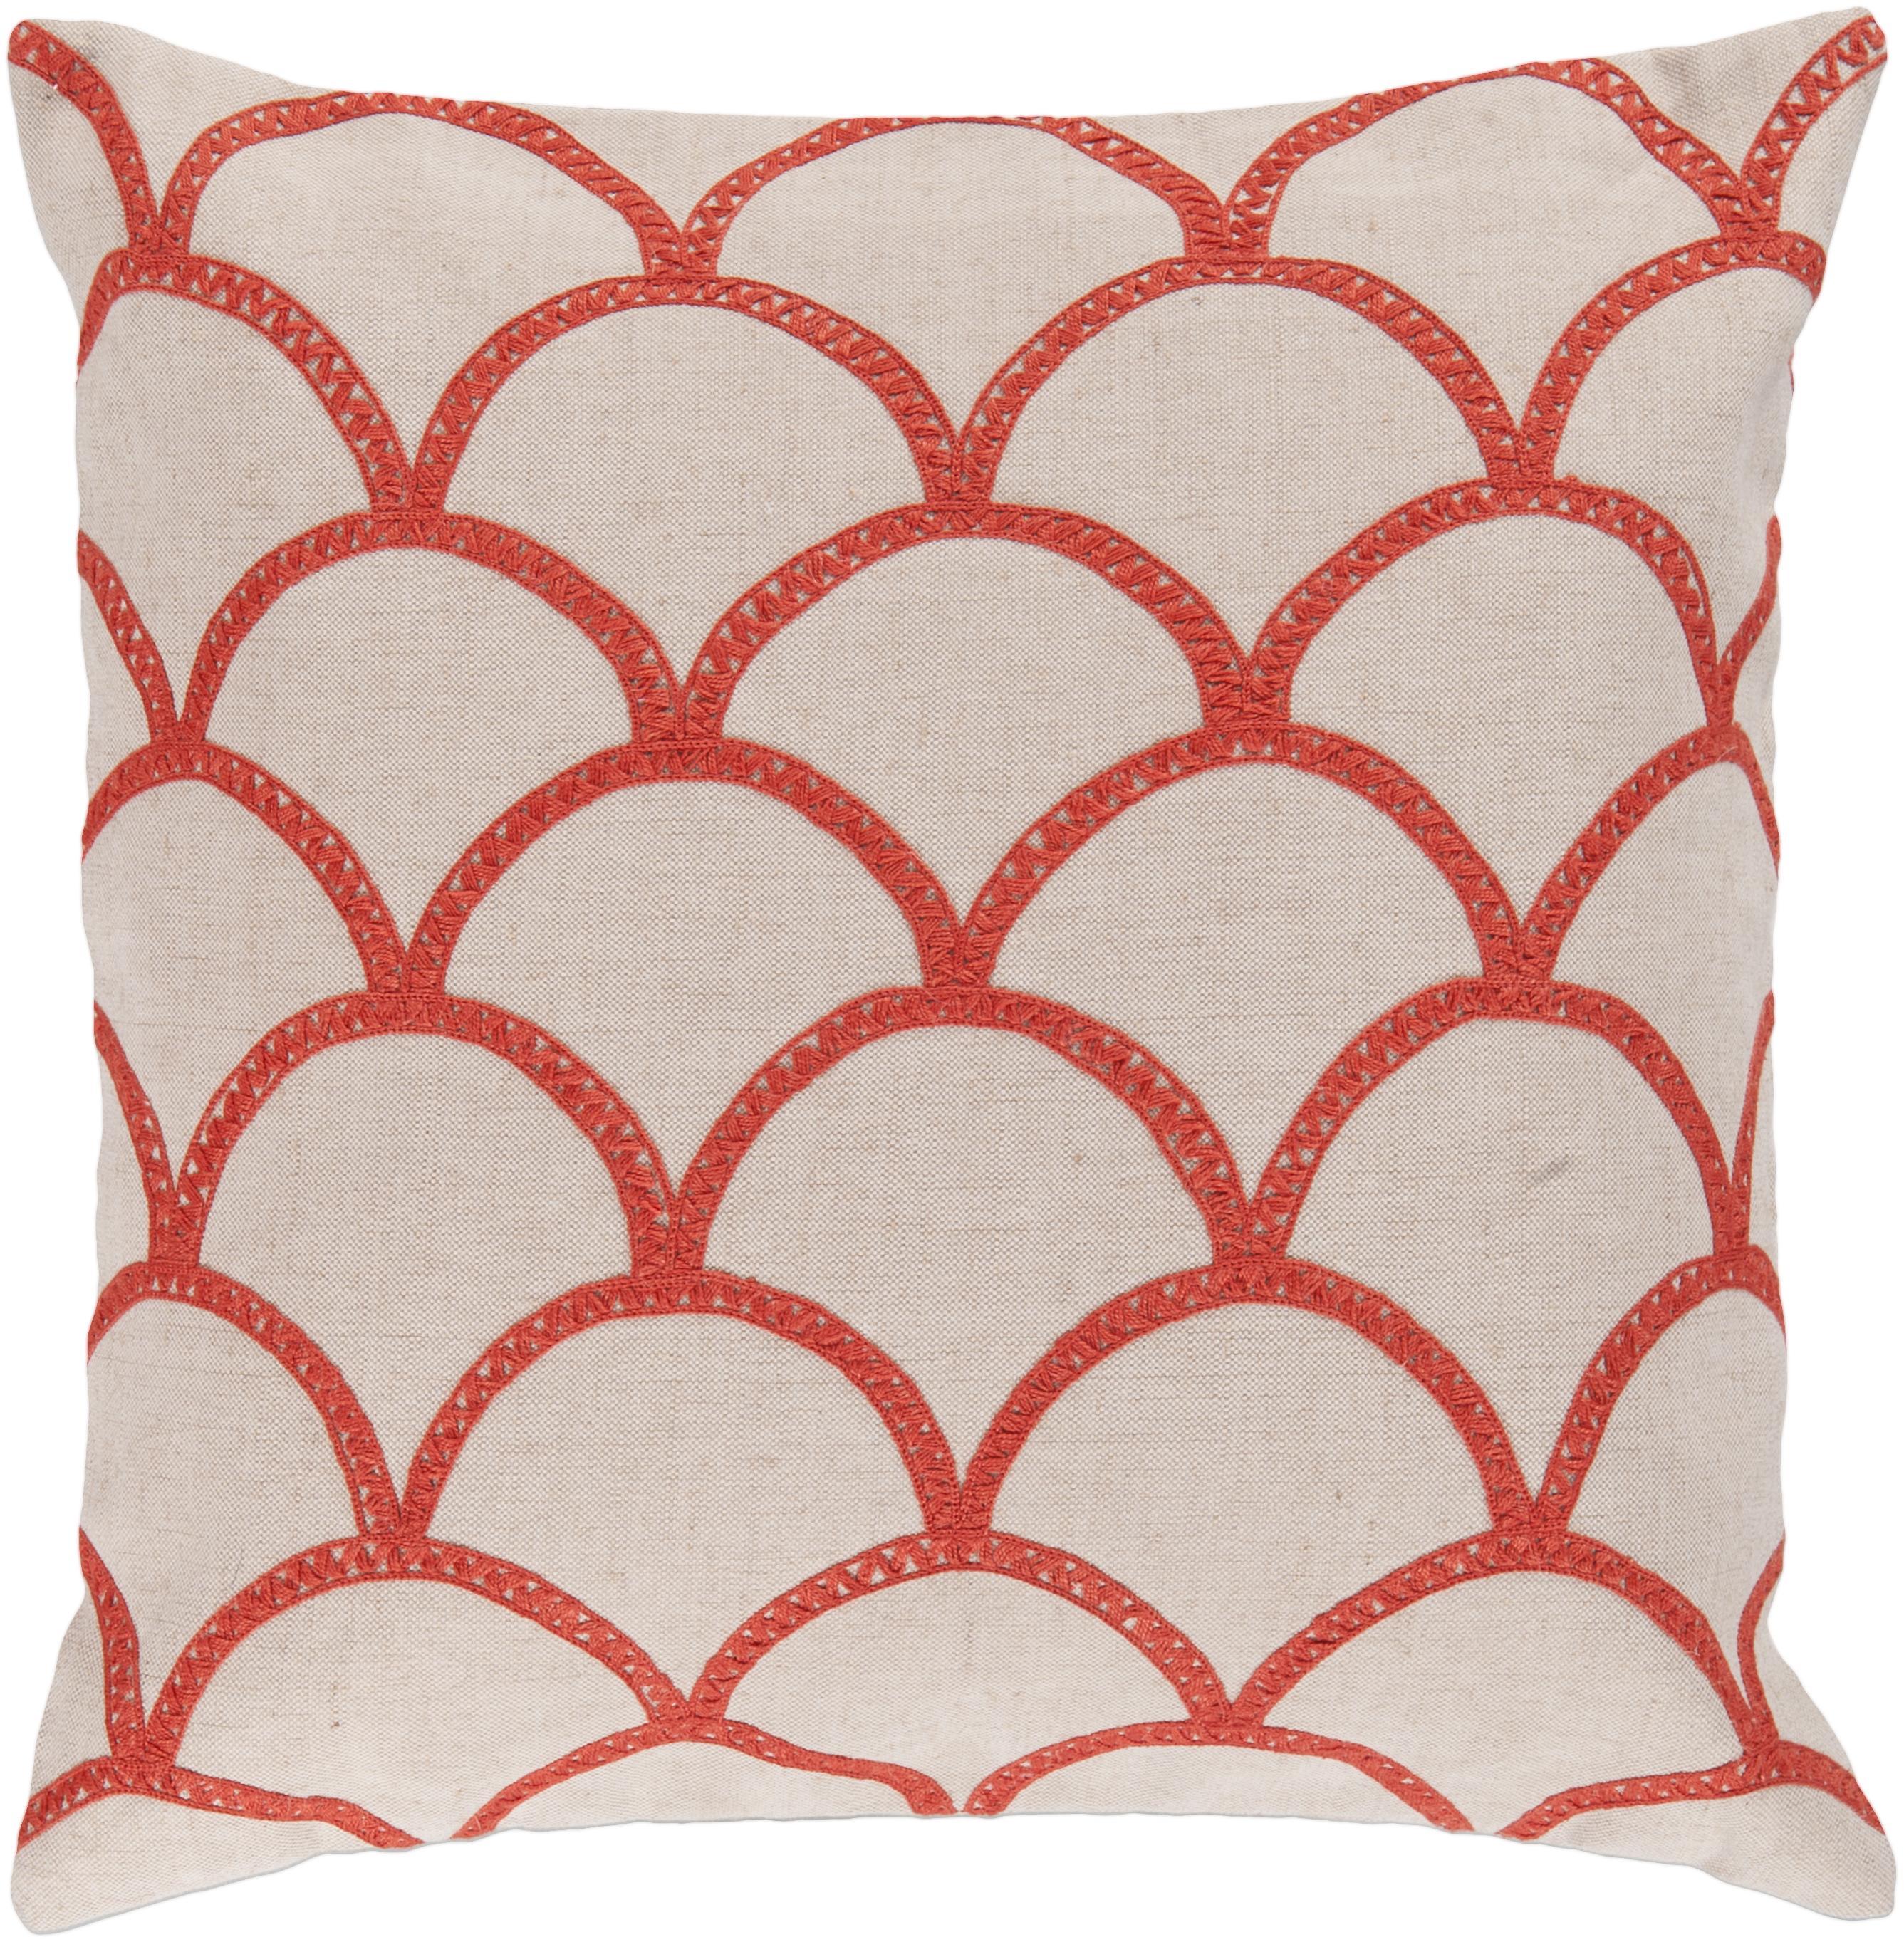 """Surya Pillows 18"""" x 18"""" Pillow - Item Number: COM009-1818P"""